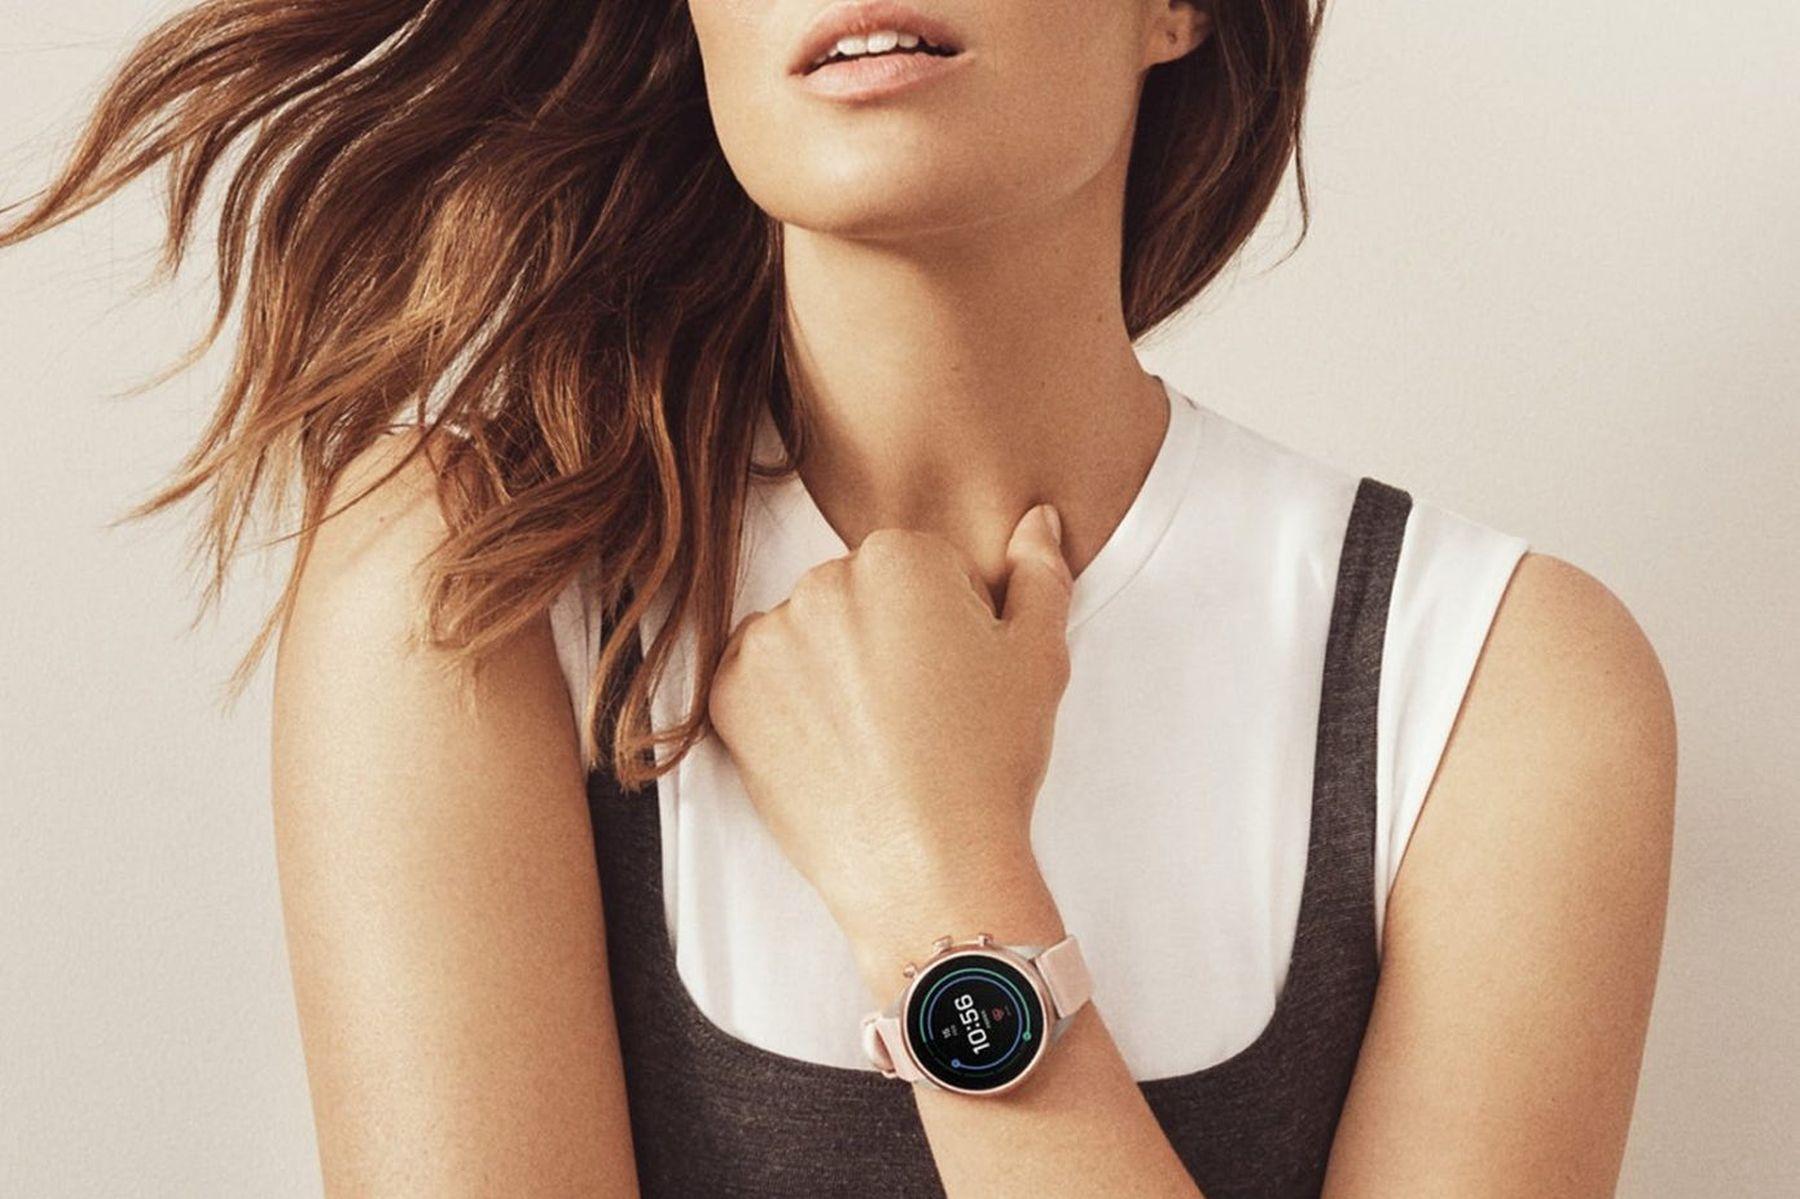 smartwatch-uri femei